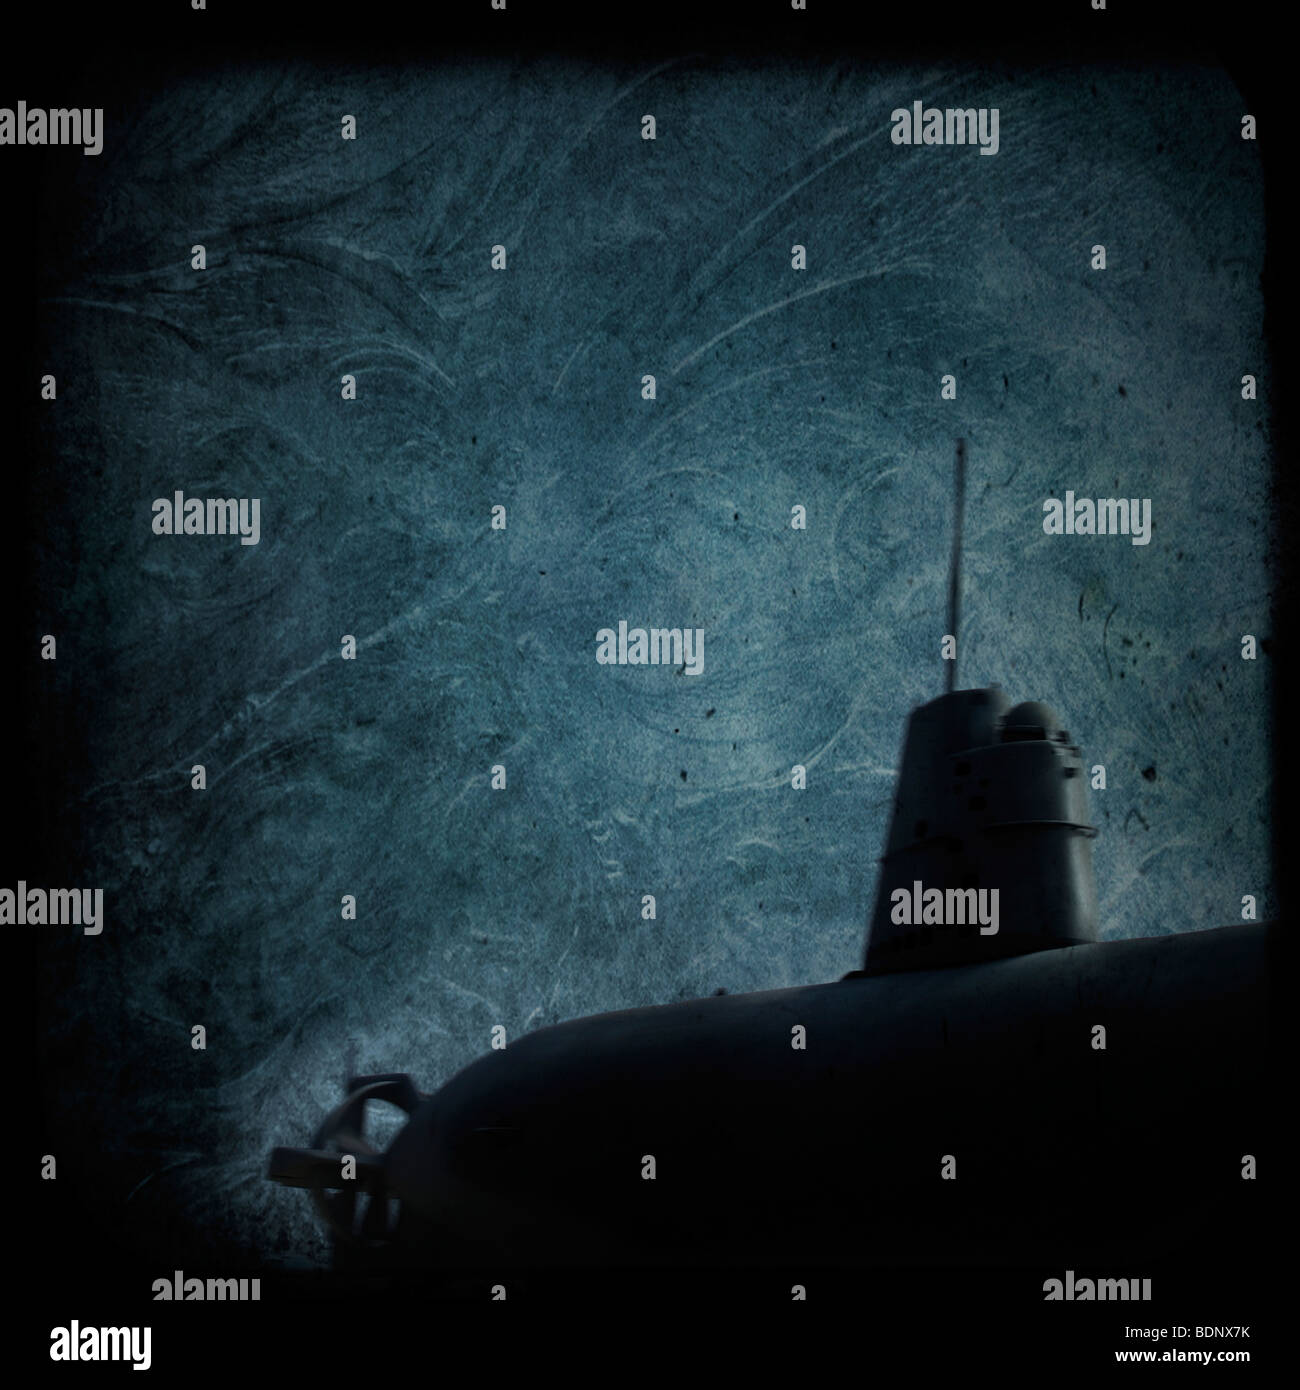 A dark submarine under water - Stock Image